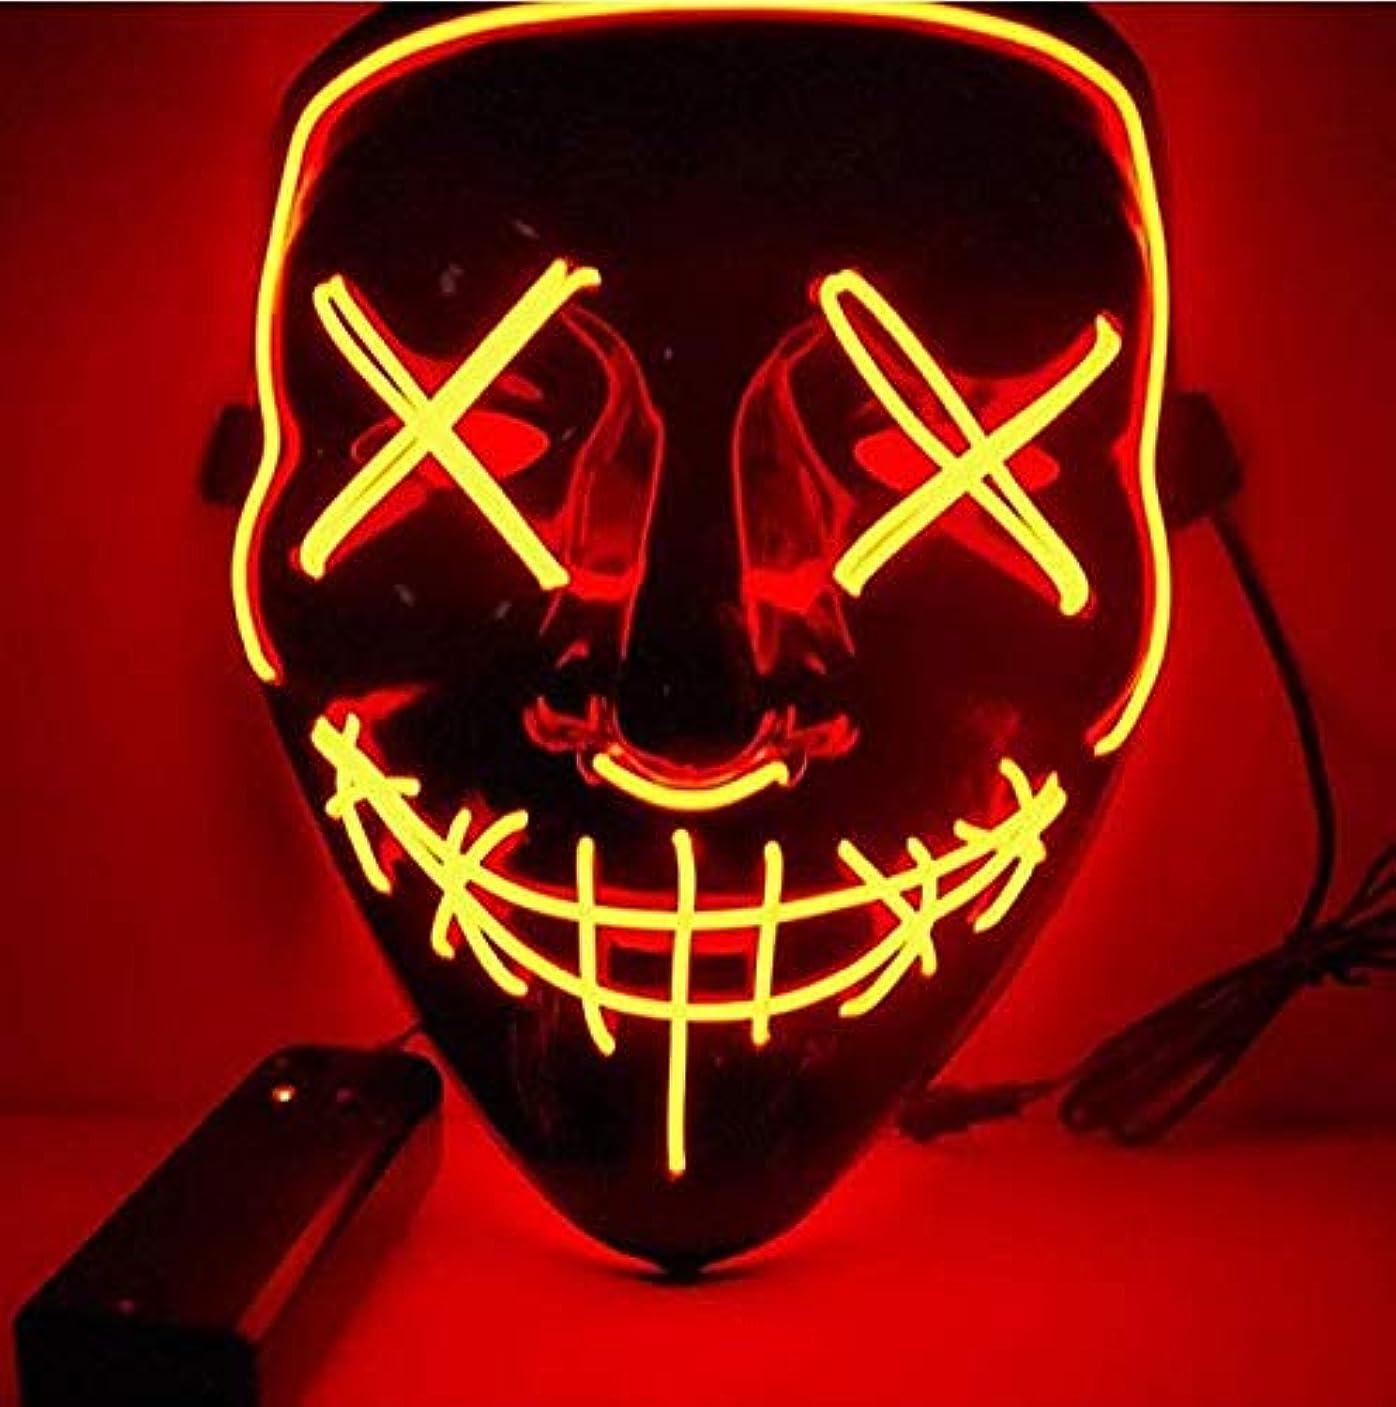 バトルファンネルウェブスパイダー方向ハロウィンマスクLEDライトアップパーティーマスクコスプレコスチュームサプライ暗闇で光る (Color : ROSE RED)